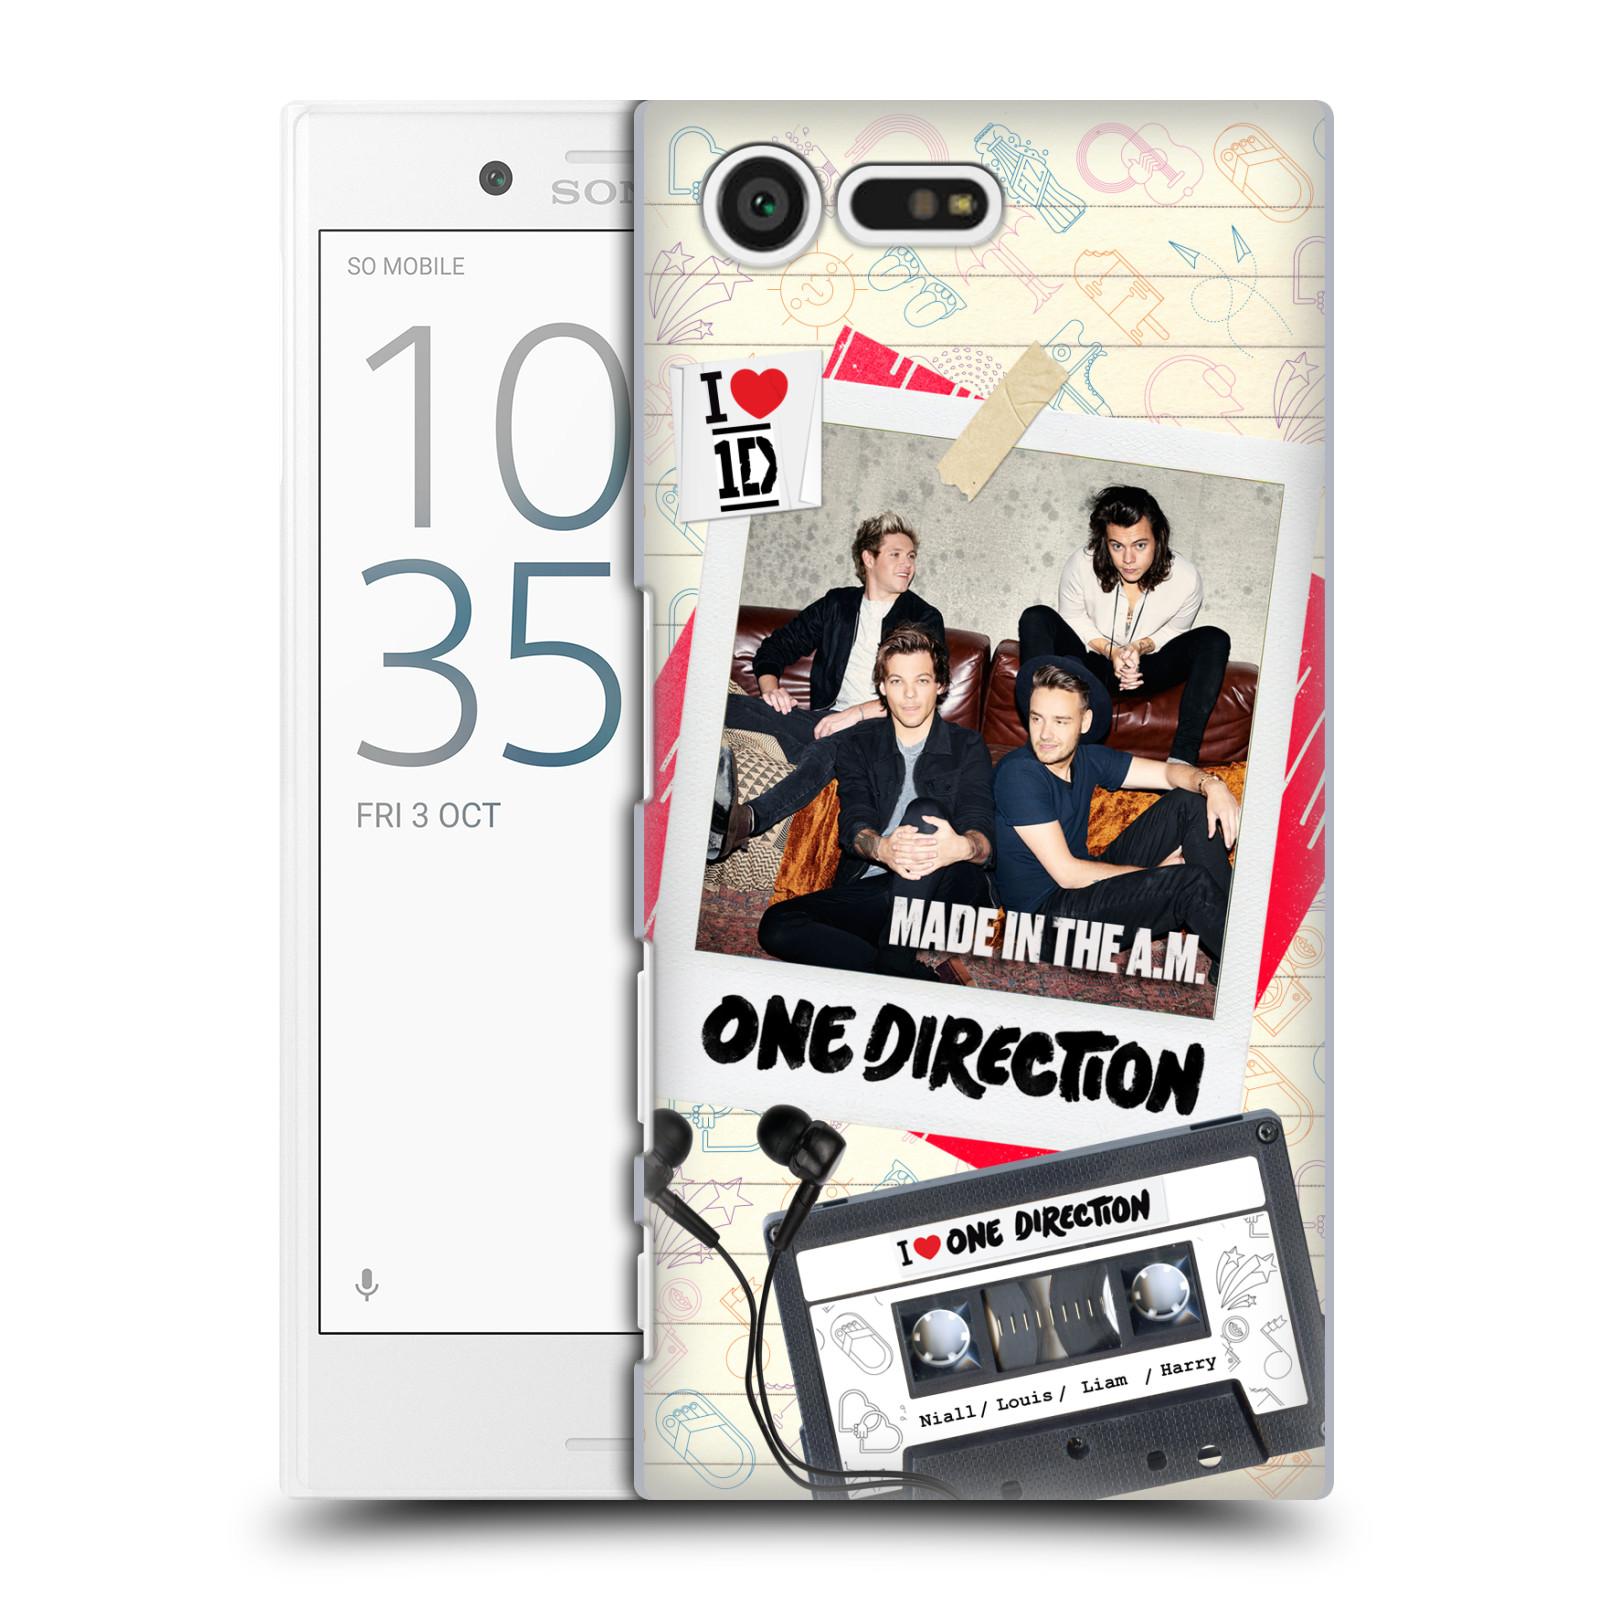 Plastové pouzdro na mobil Sony Xperia X Compact HEAD CASE One Direction - Kazeta (Plastový kryt či obal One Direction Official na mobilní telefon Sony Xperia X Compact F5321)